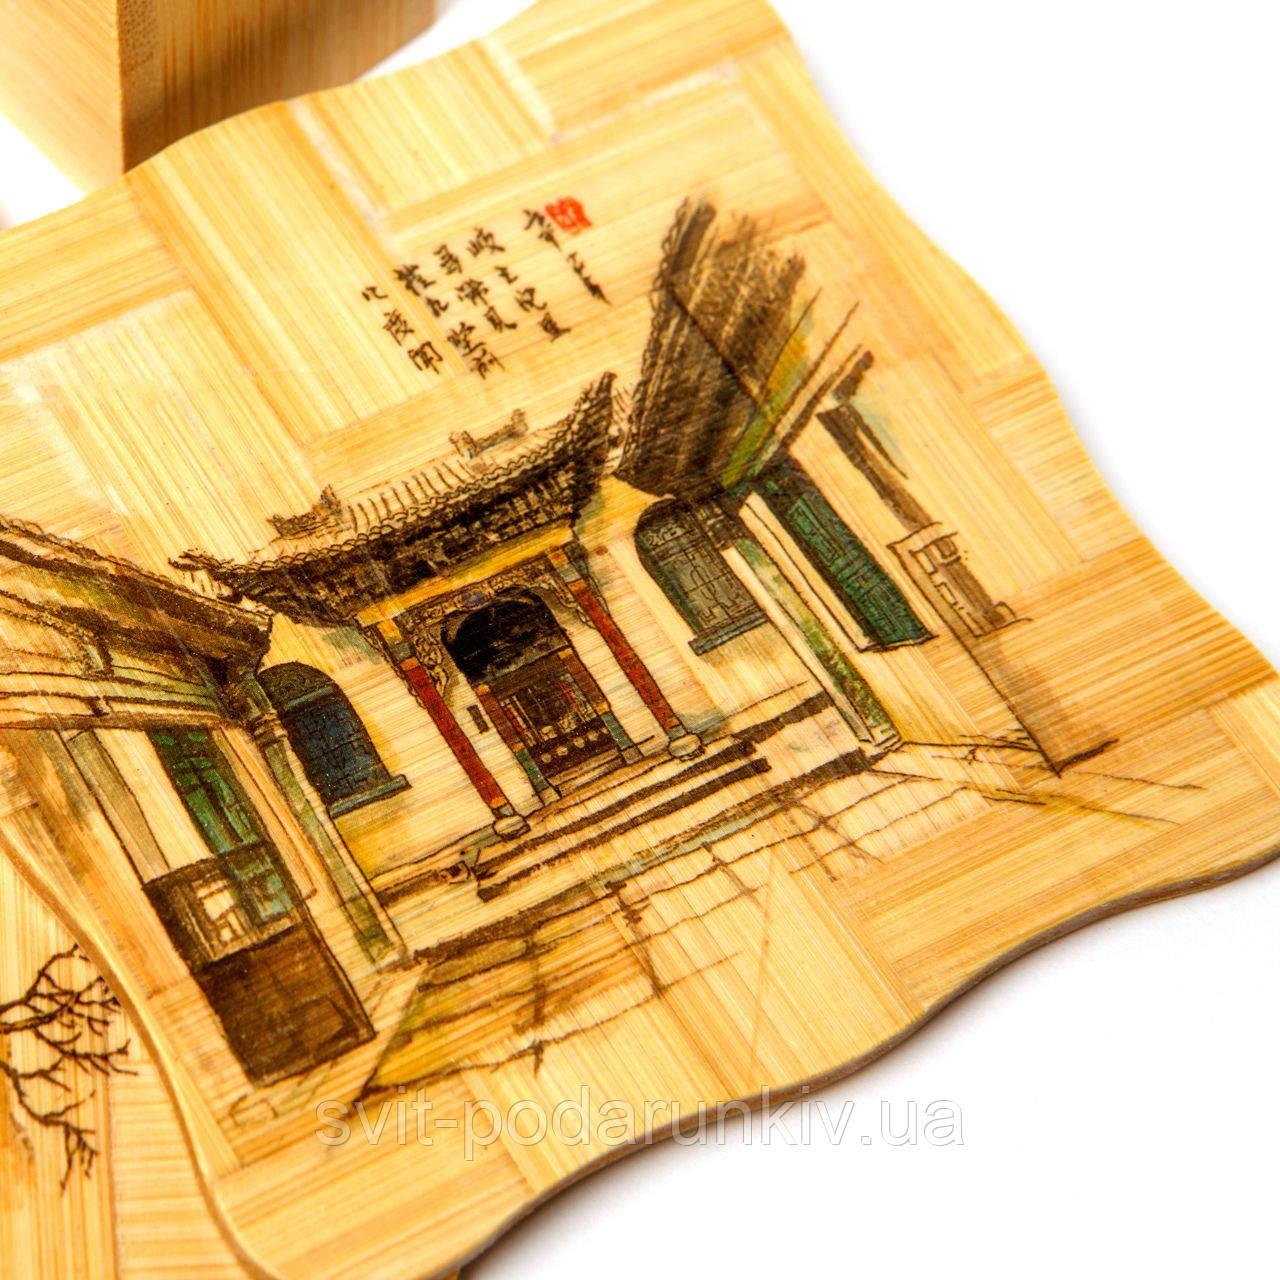 Подставка бамбуковая для чашки